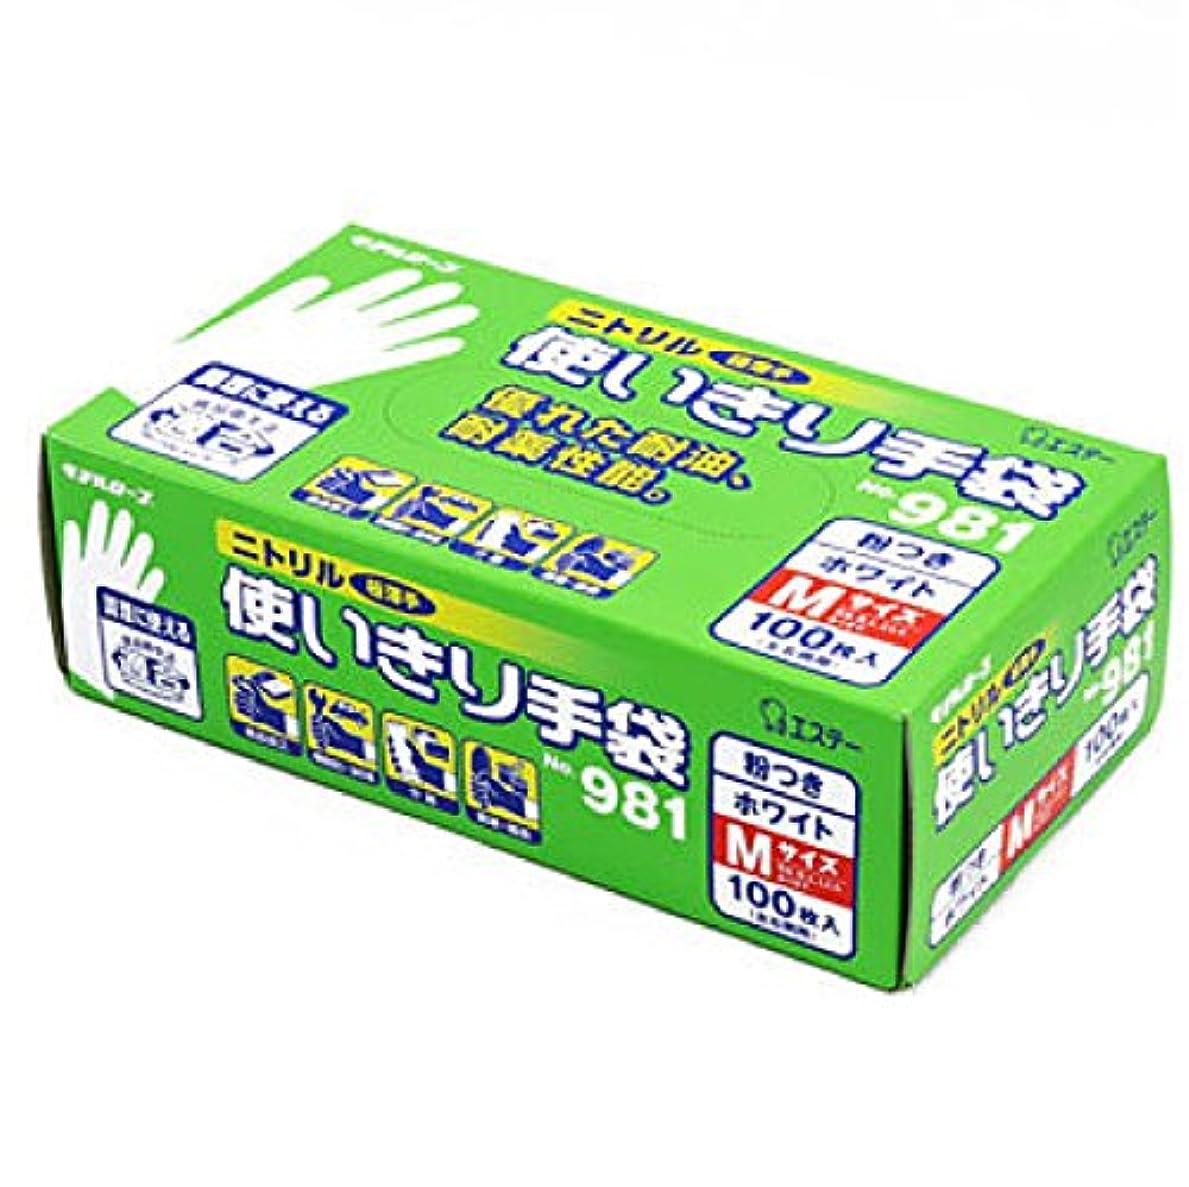 アマチュア取るに足らない不快エステー/ニトリル使いきり手袋 箱入 (粉つき) [100枚入]/品番:981 サイズ:S カラー:ホワイト